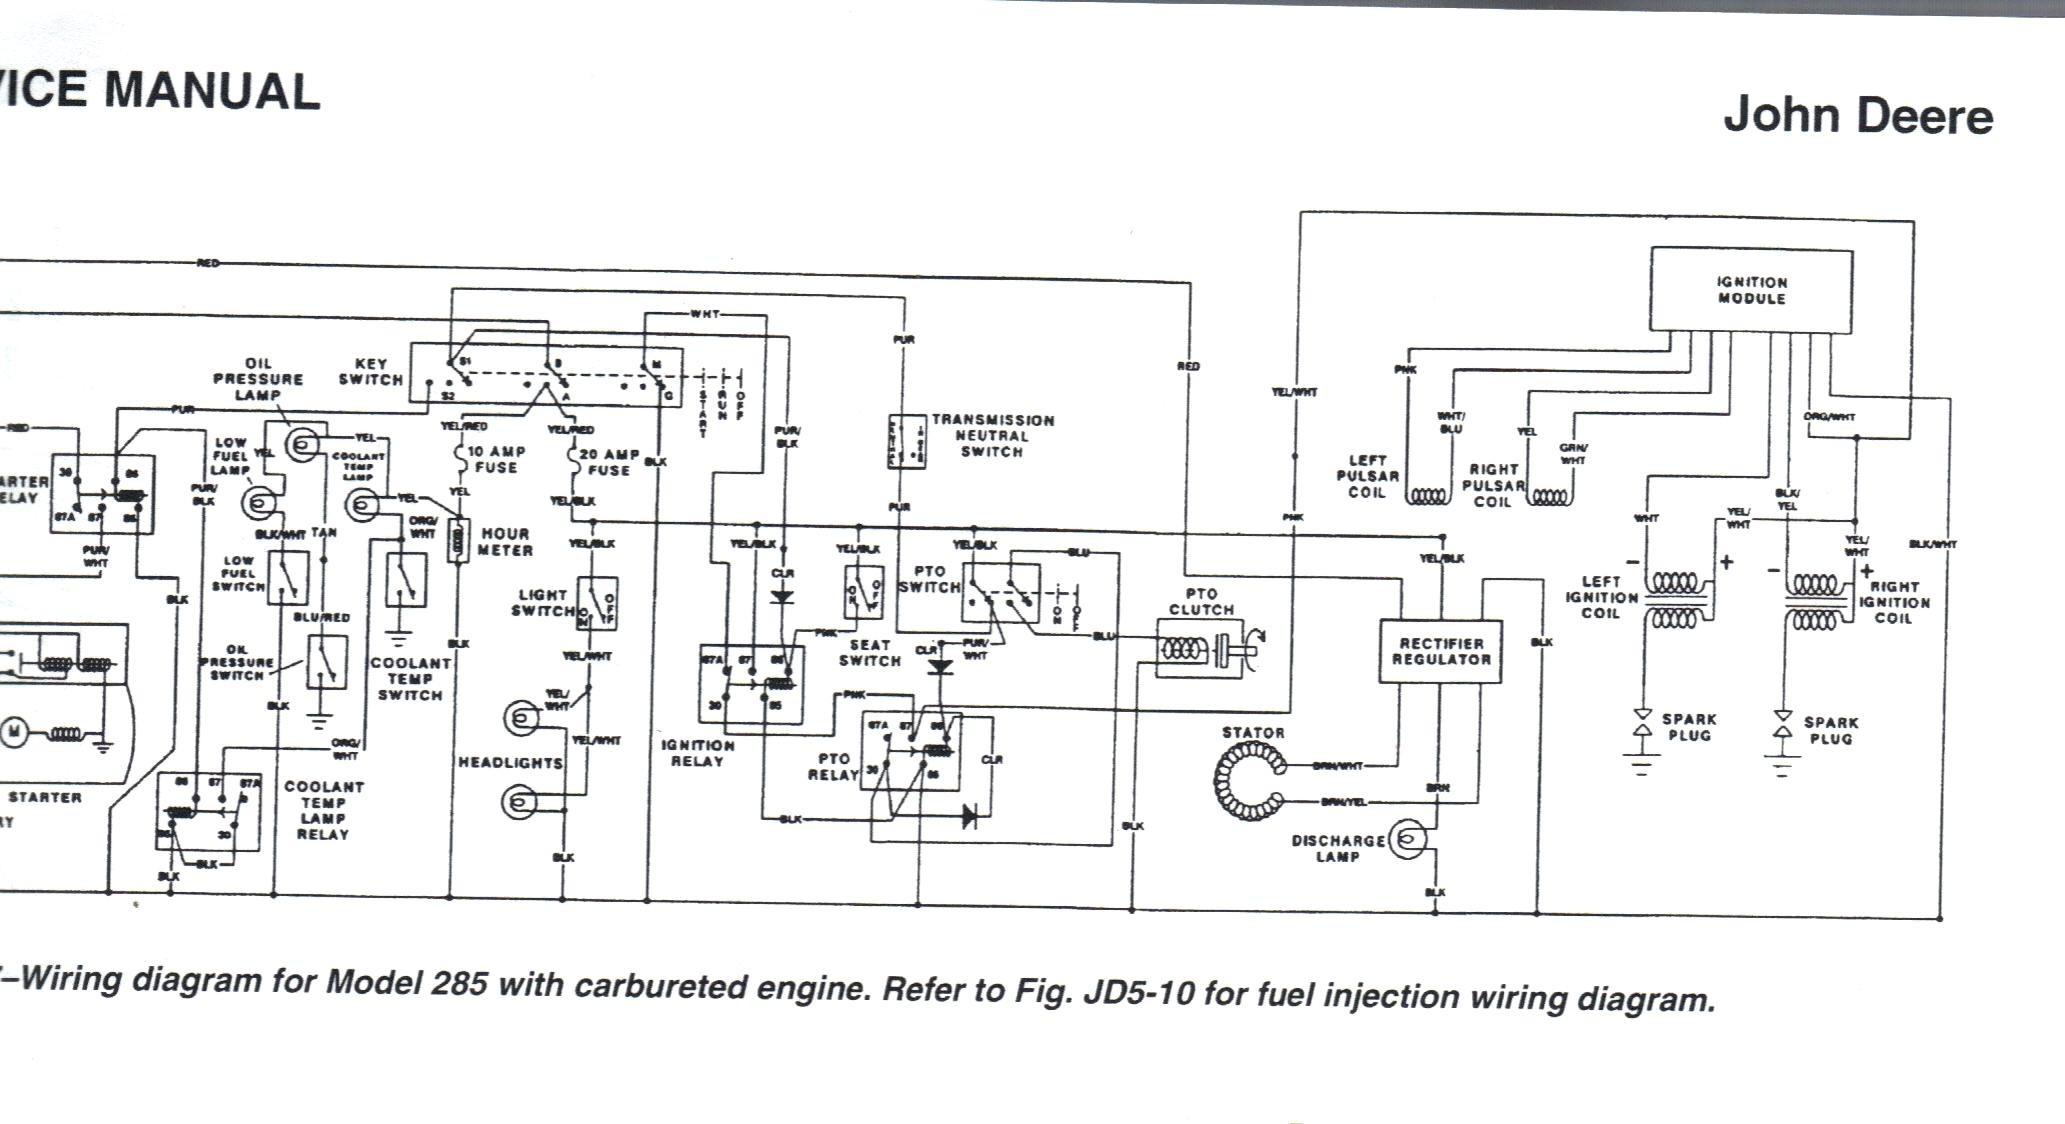 Manual Generator Transfer Switch Wiring Diagram Stunning Portable Generator Wiring Diagram S Everything You Of Manual Generator Transfer Switch Wiring Diagram